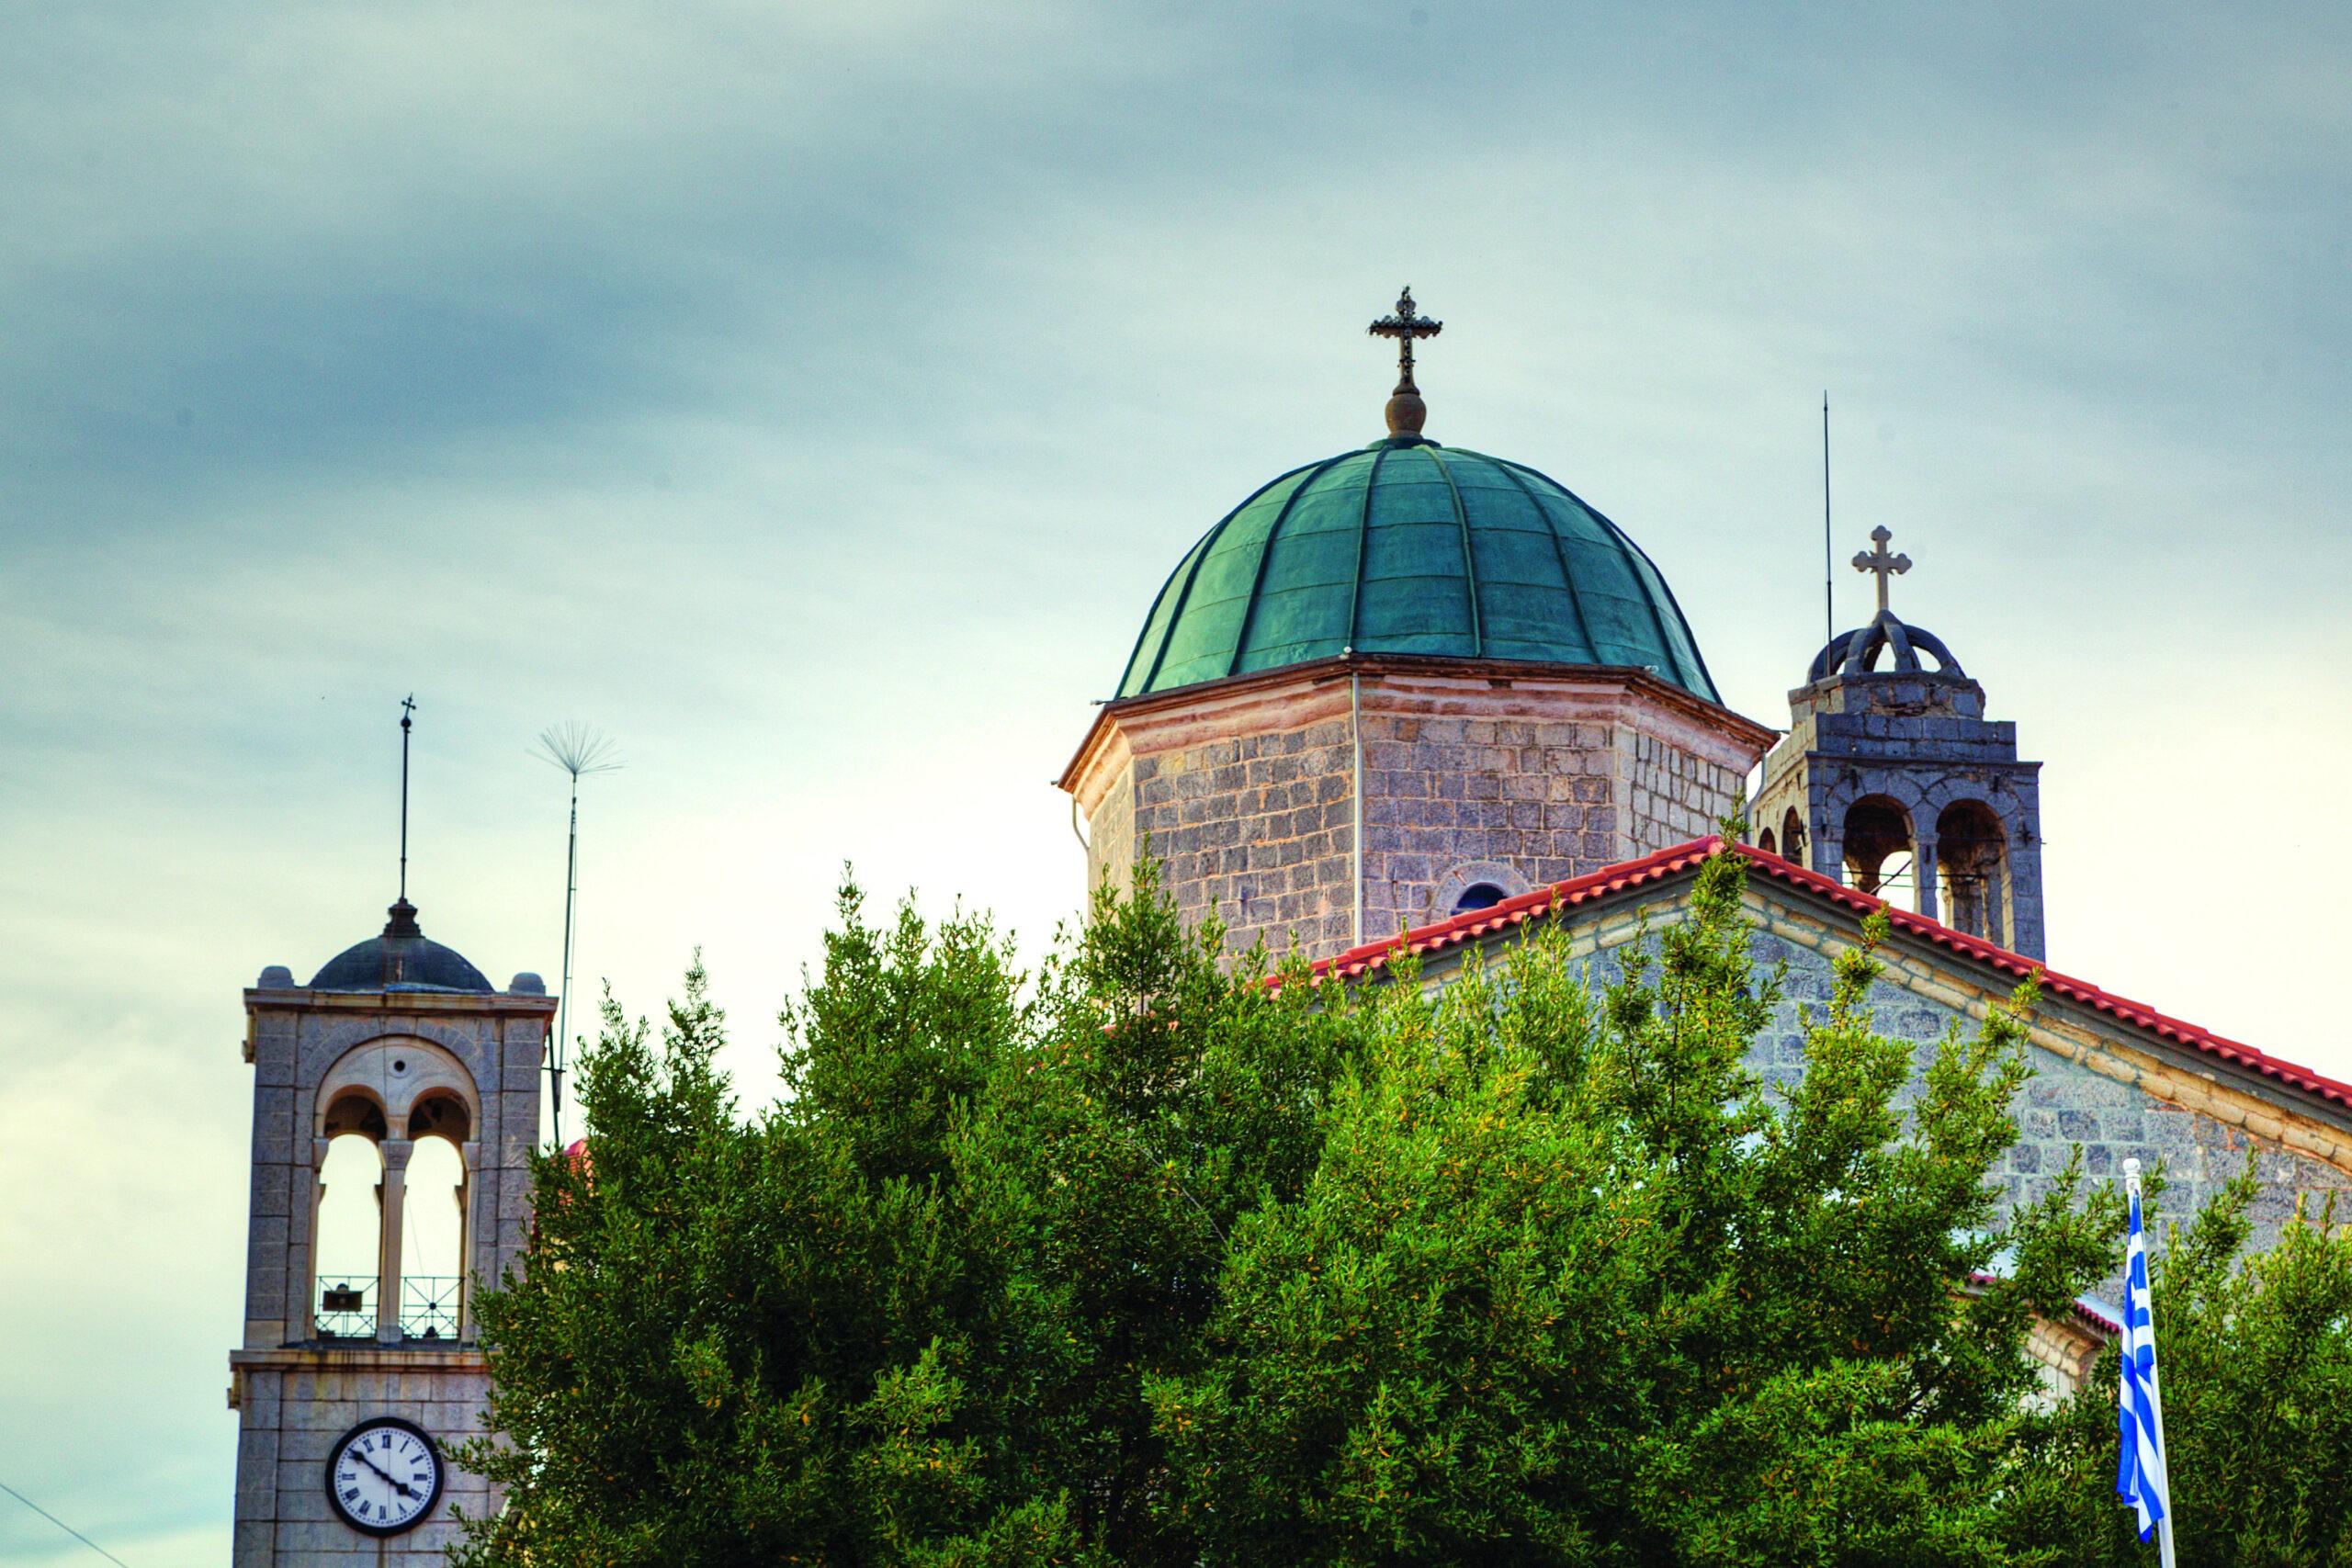 Εκκλησία του Αγίου Τρύφωνα, καμπαναριό Βυτίνα